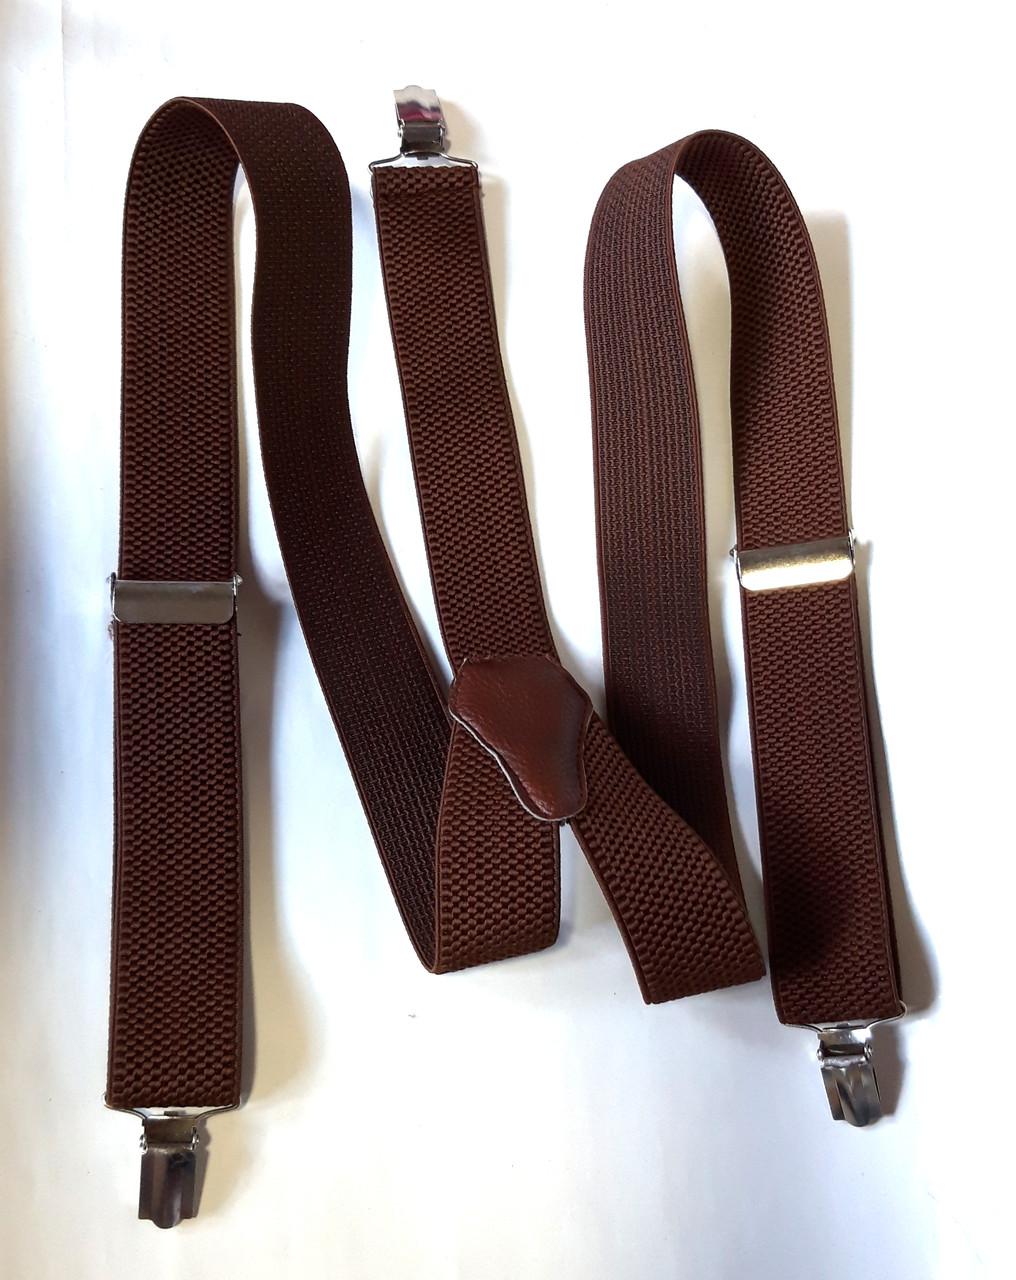 Підтяжки для штанів ширина 3,5 см, коричневі